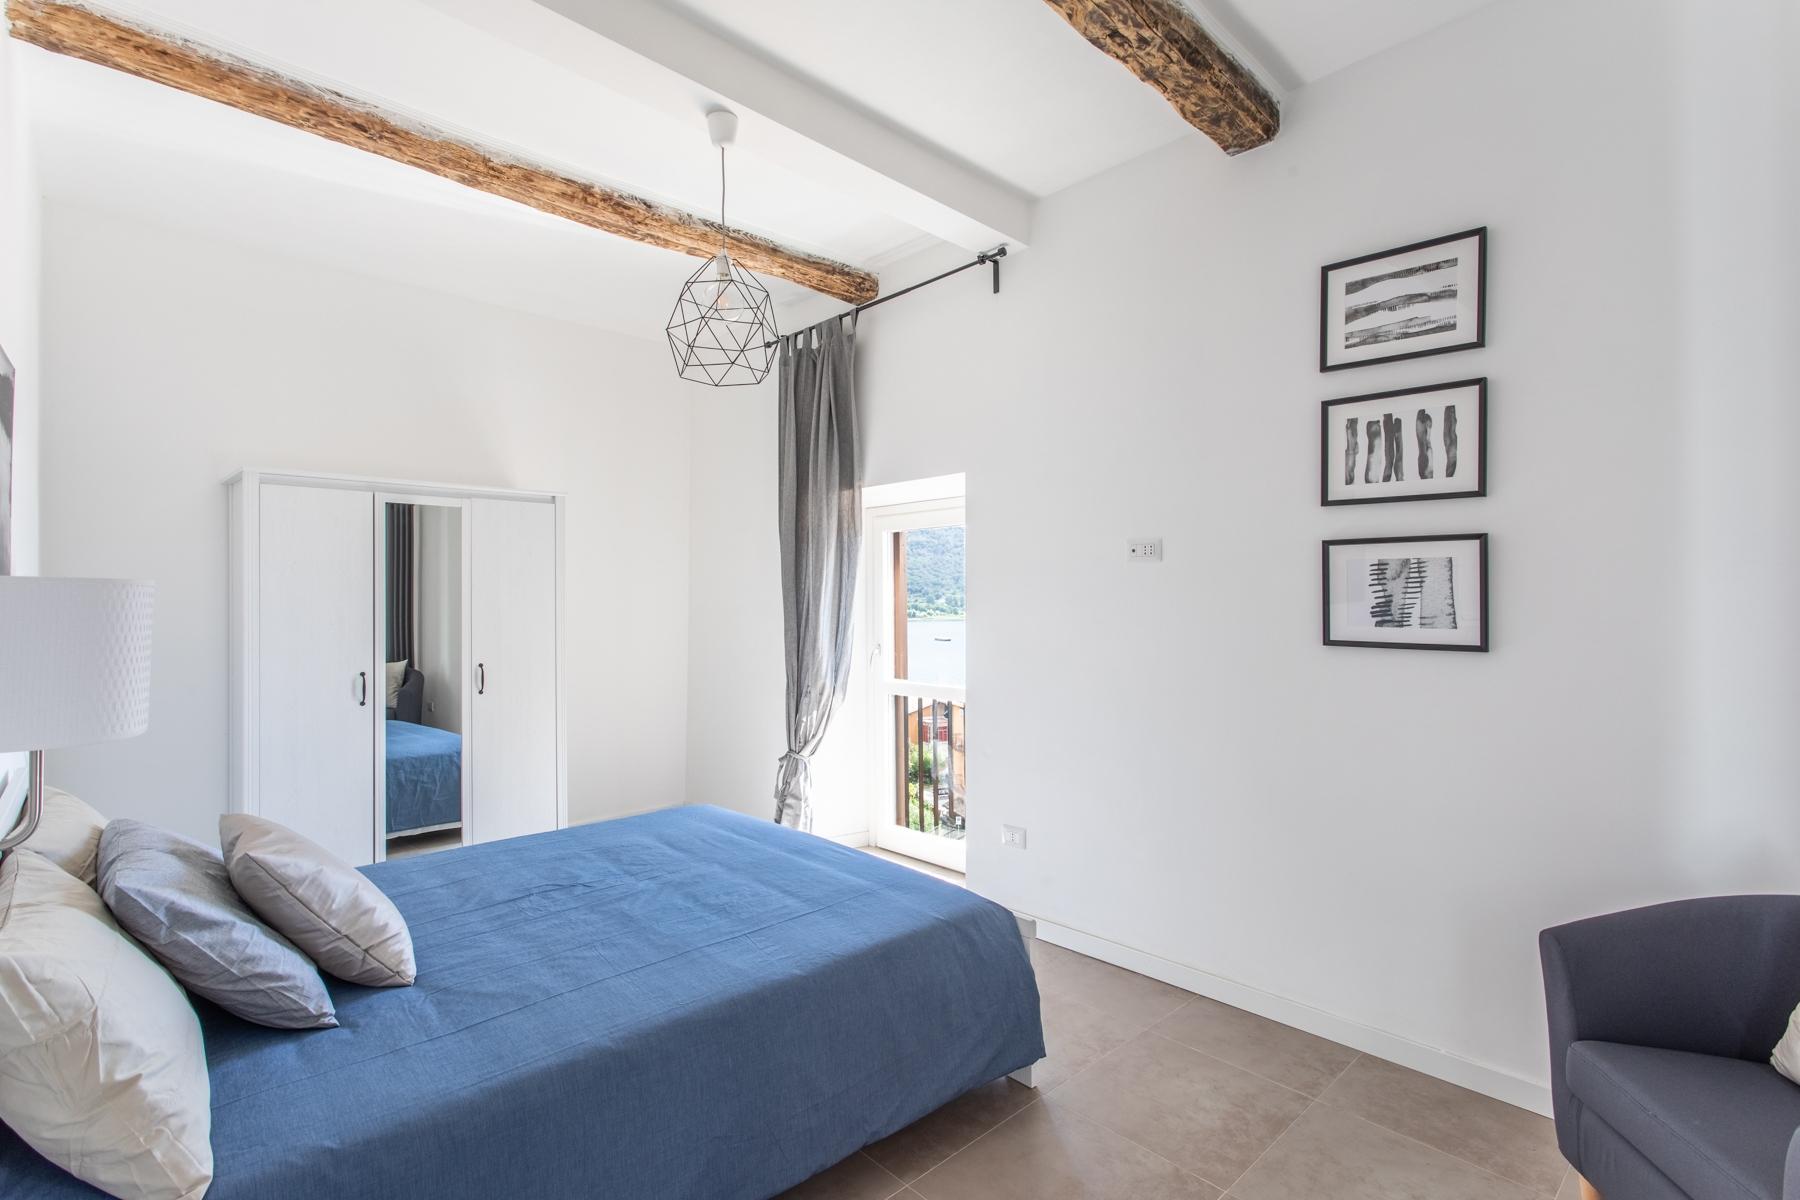 Appartamento in Vendita a Trevignano Romano: 4 locali, 85 mq - Foto 10